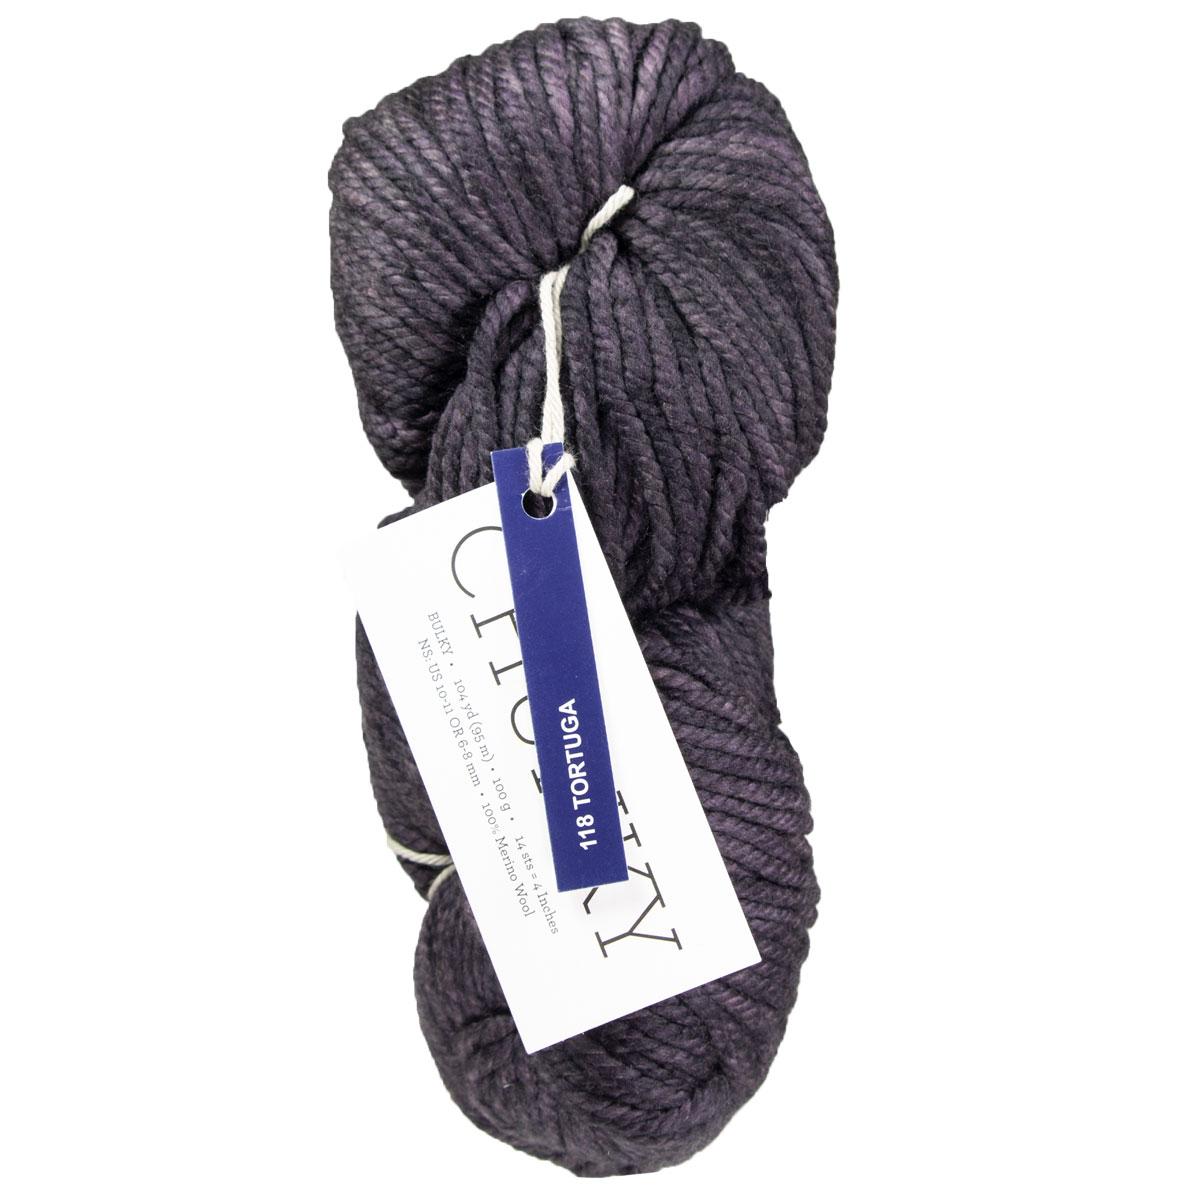 Tortuga 118 Malabrigo Chunky Merino Knitting Yarn Wool 100g